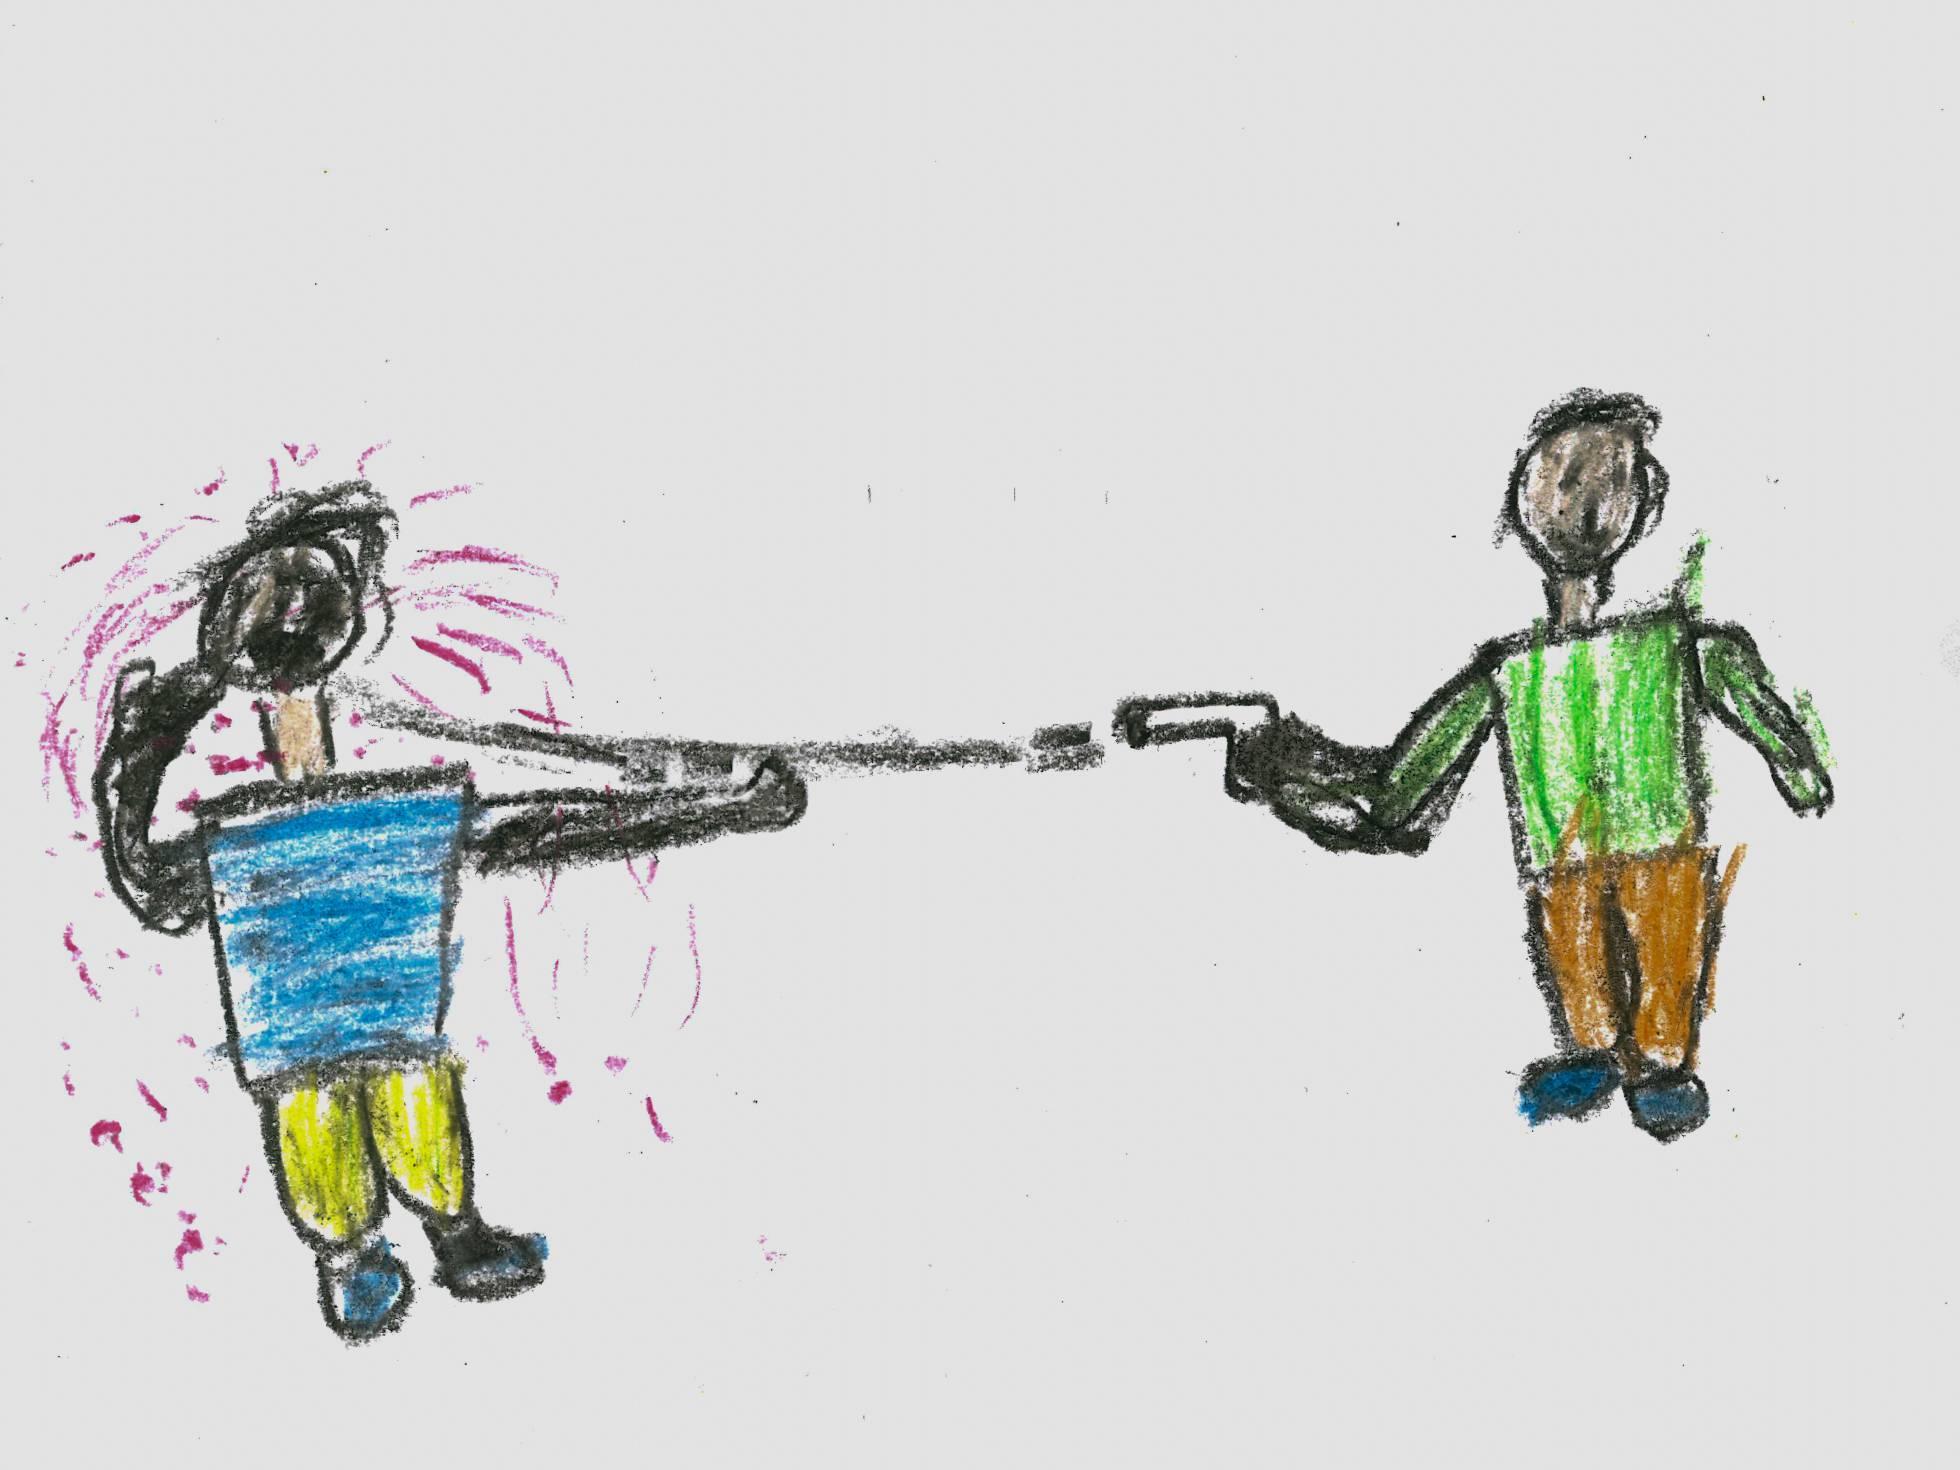 Se incrementa el número de niños asesinados en conflictos armados